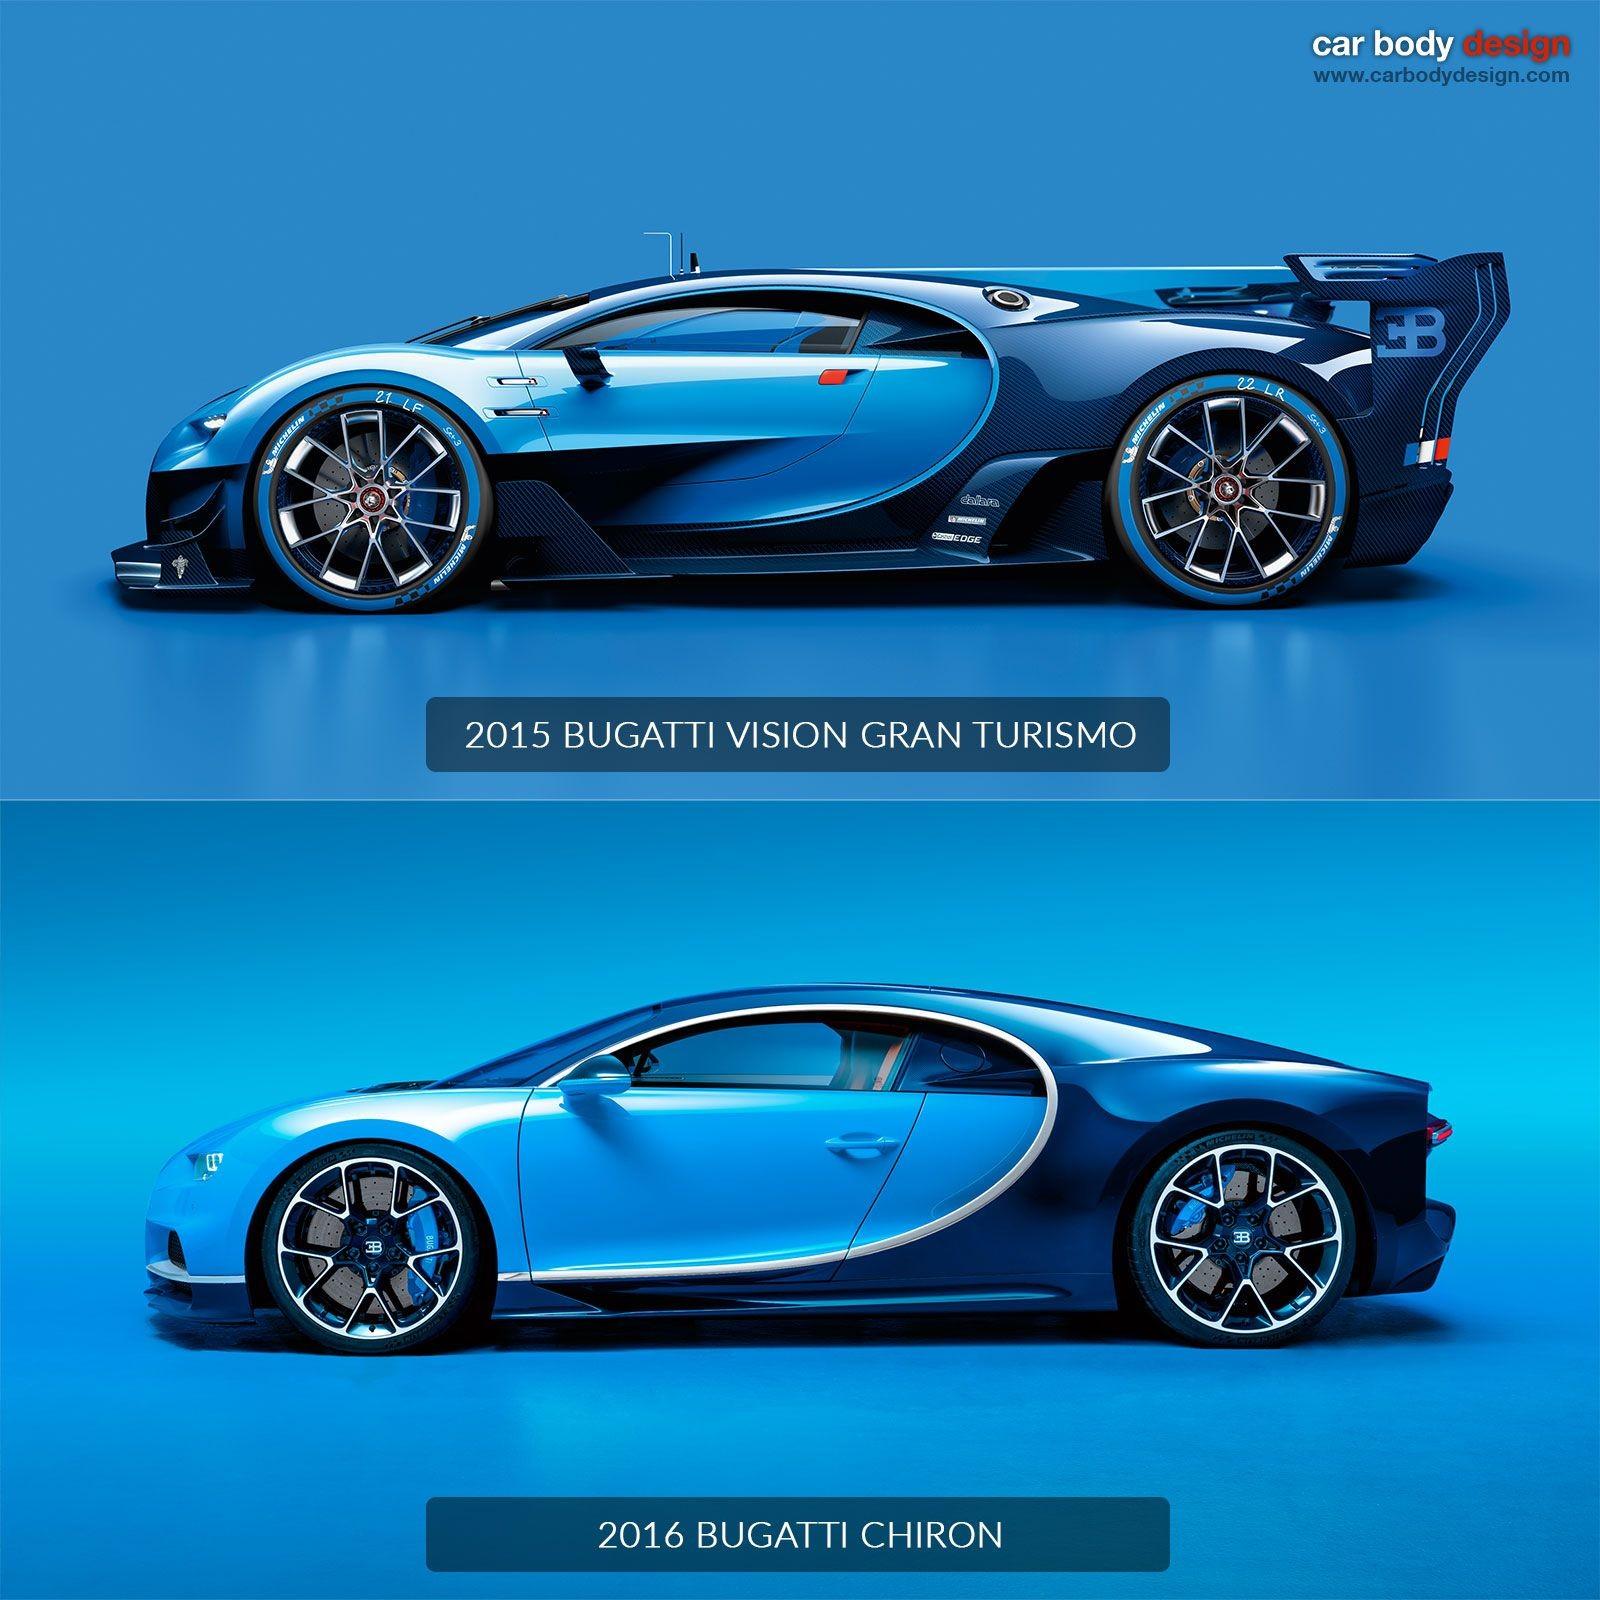 Bugatti W16 Engine Diagram the Bugatti Eb110 Of Bugatti W16 Engine Diagram